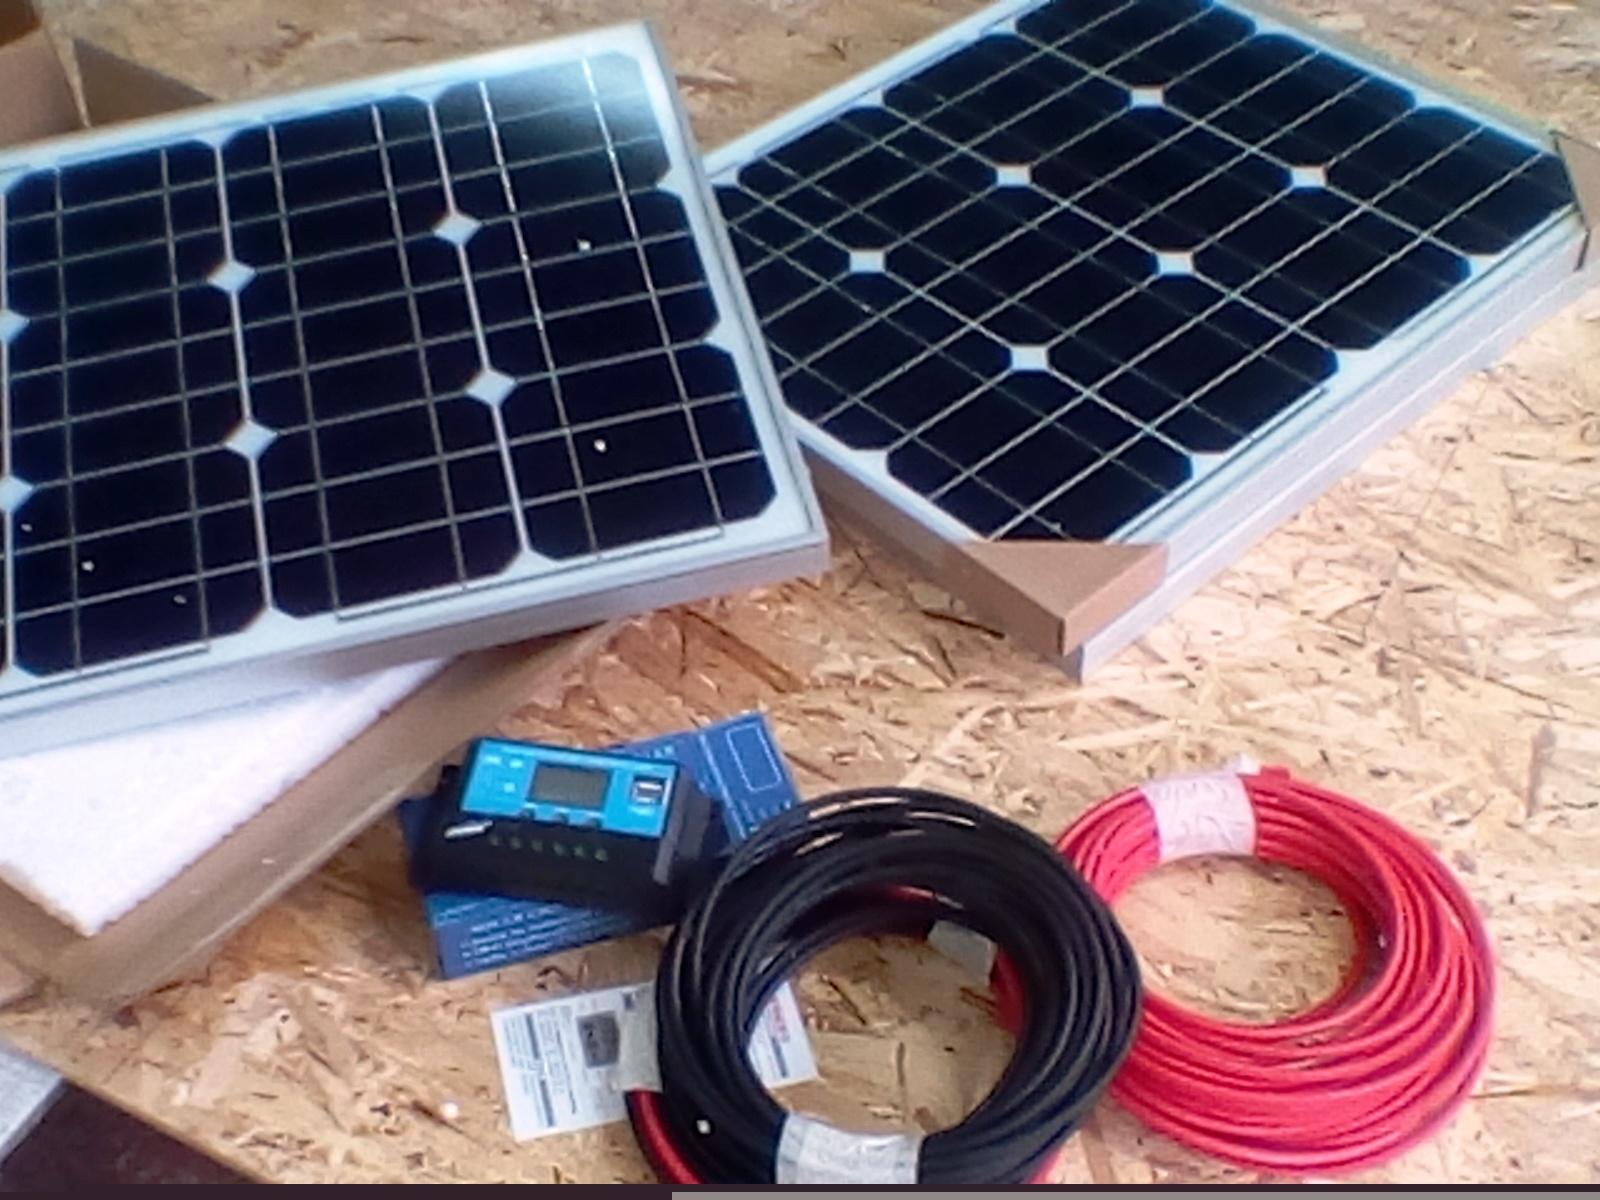 Сделал большую полушестерню на солнечных панелях за 250 000 рублей (2 часть) - 2